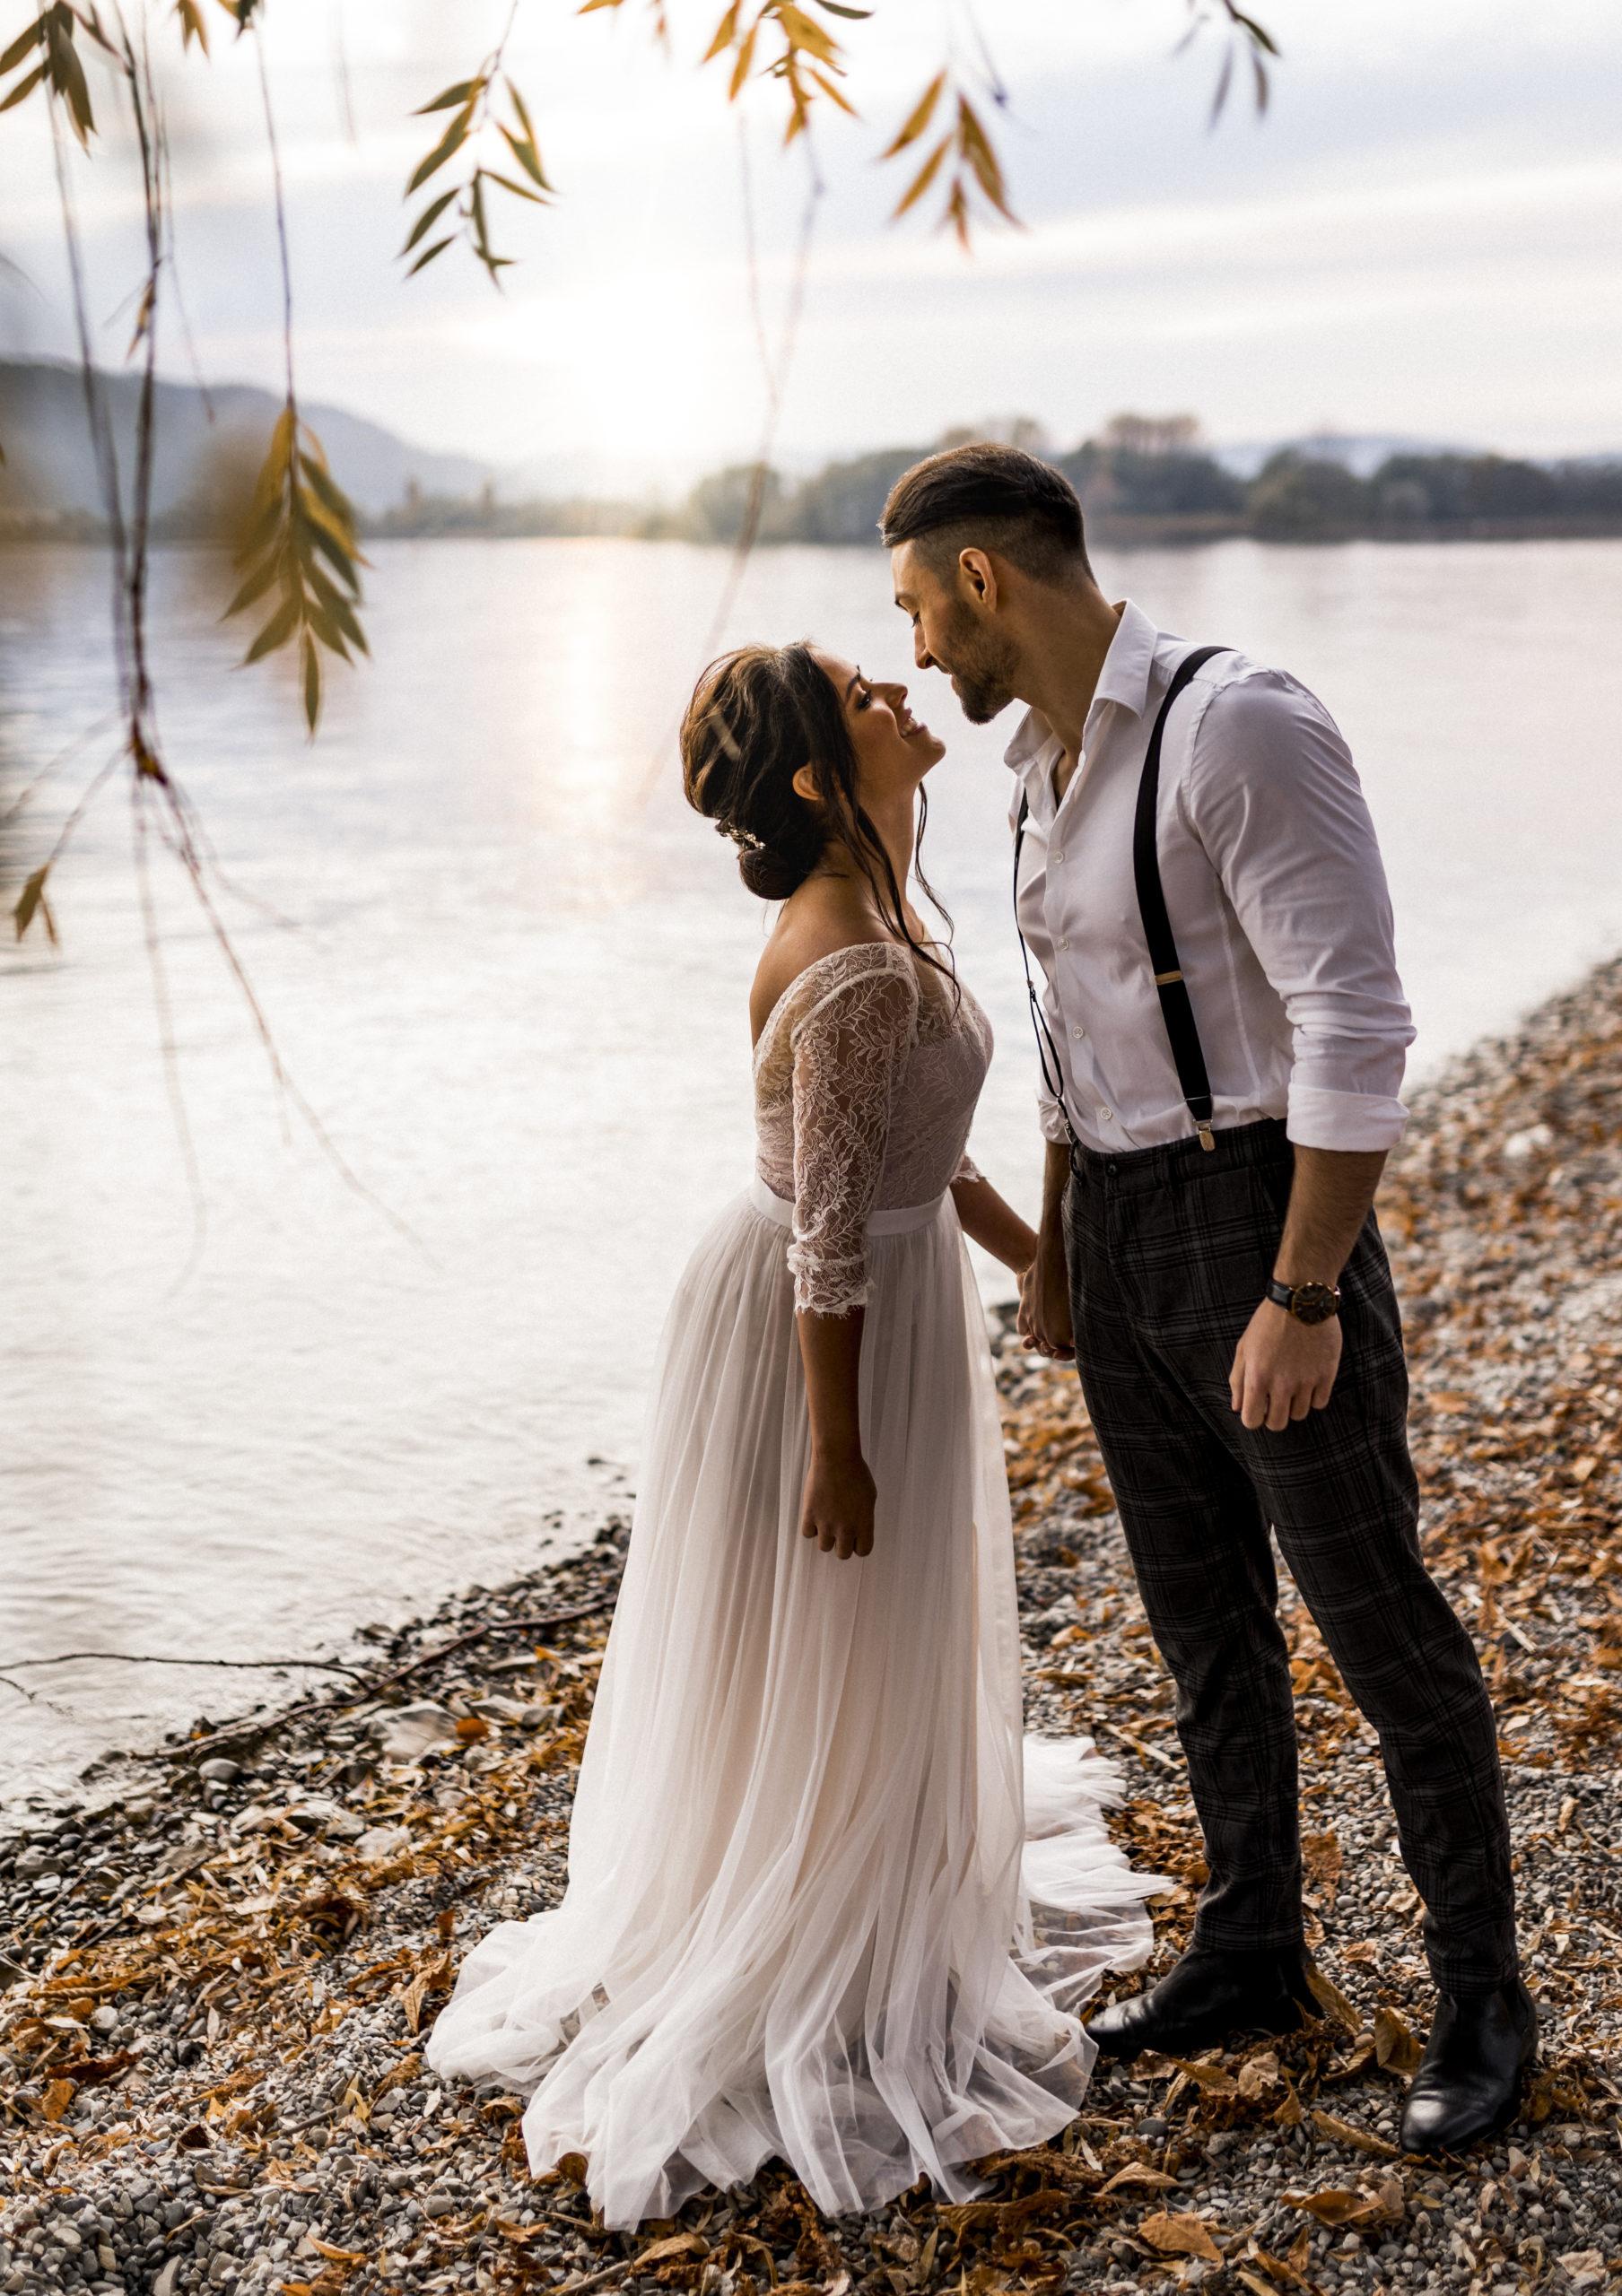 noni Brautmode, Styled Shoot am Bodensee, Model-Pärchen händchenhaltend am Seeufer bei Sonnenschein, Braut mit zweiteiligem Brautkleid in Puderrosa-Optik und Brautstrauss, Bräutigam mit Hemd und Hosenträgern, beide lachend